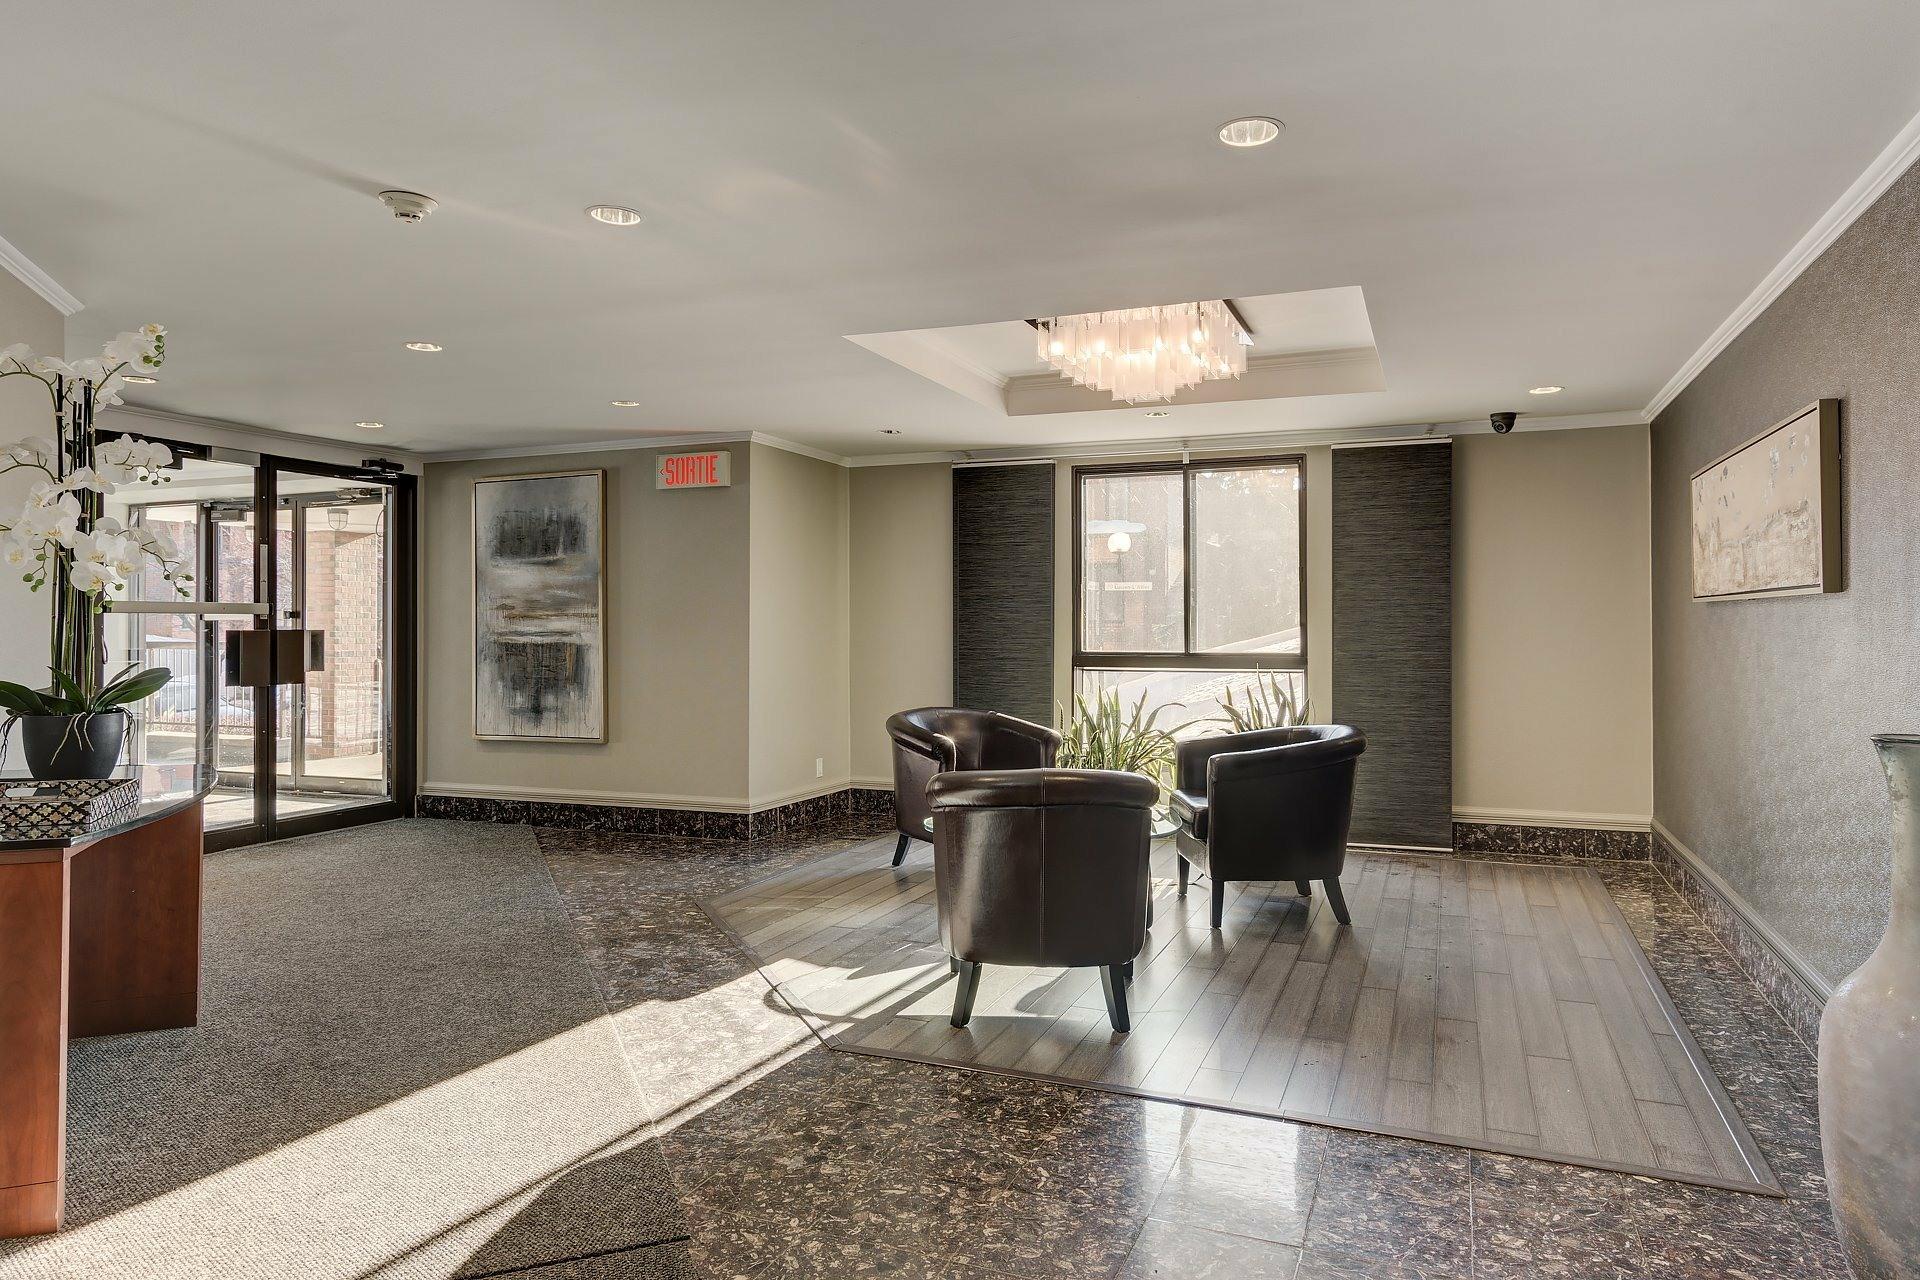 image 2 - Apartment For rent Ville-Marie Montréal  - 6 rooms